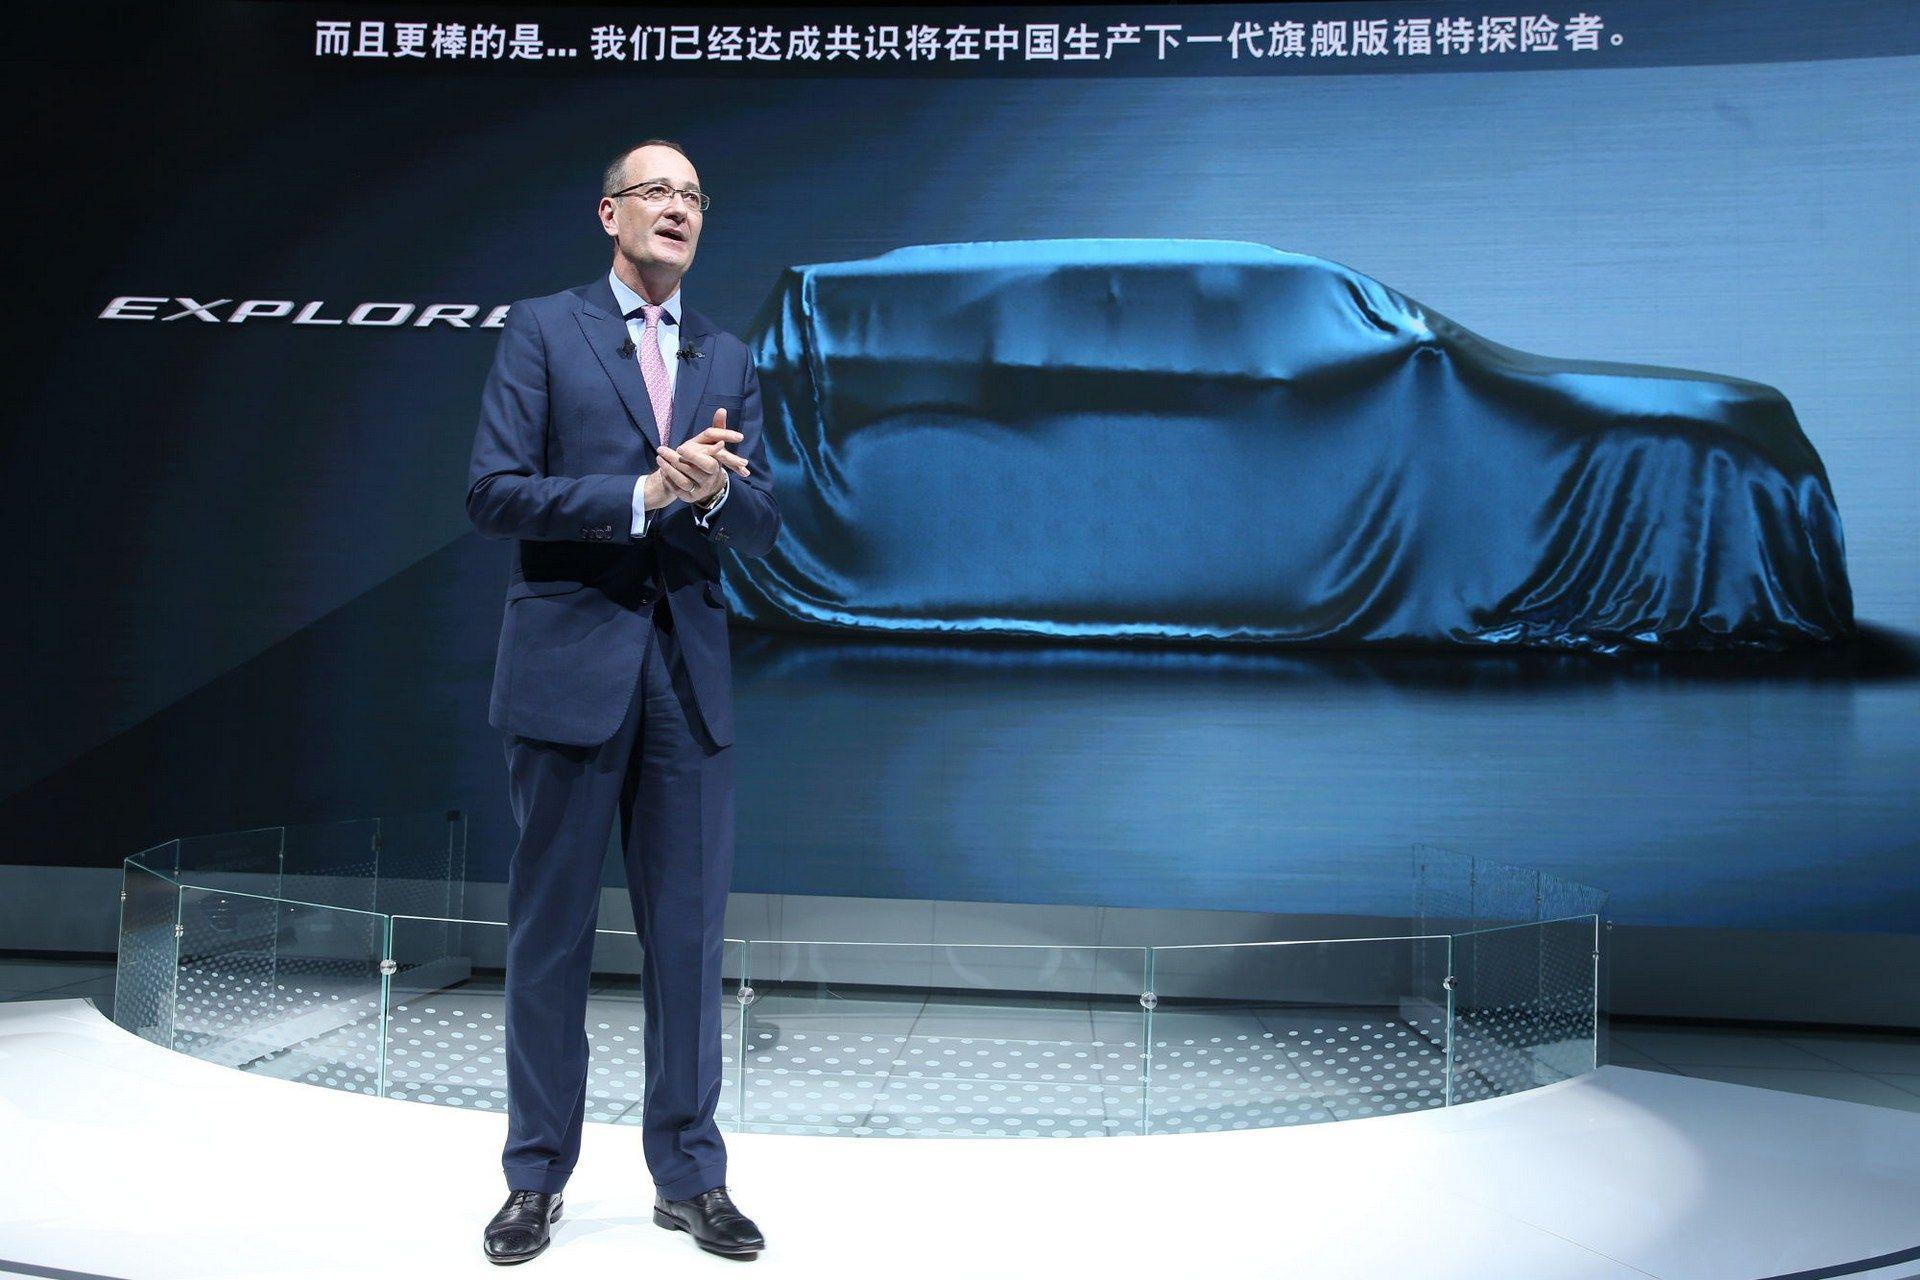 Встолице Китая Форд продемонстрировал тизер улучшенного Форд Explorer